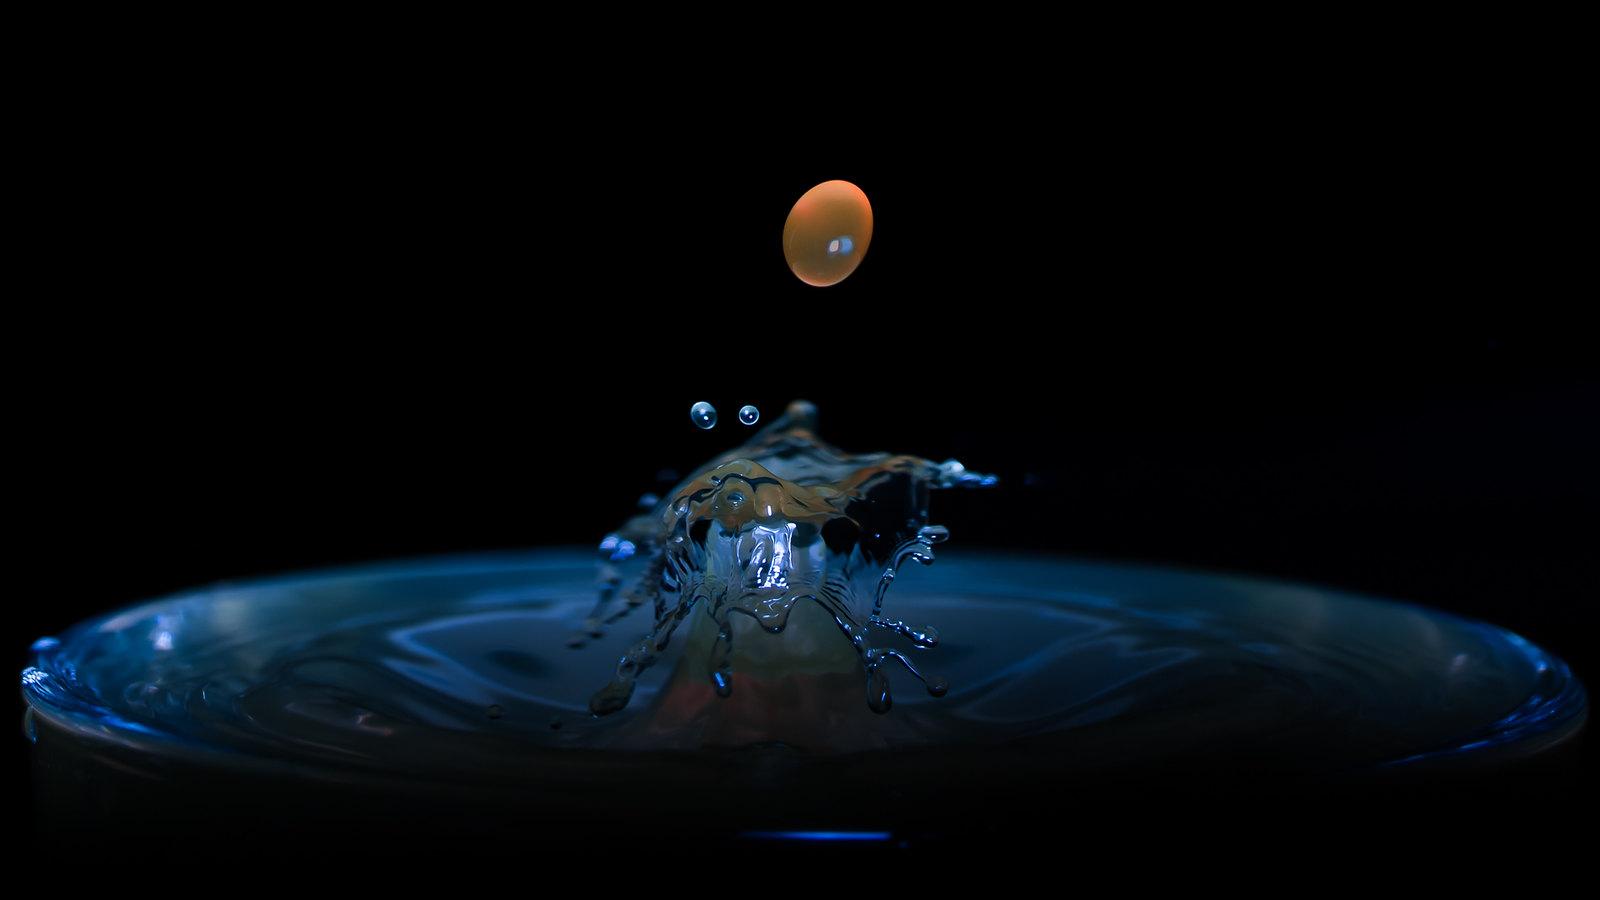 Pluto Trigger Goutte D Eau La Photo Objectif Diaporama